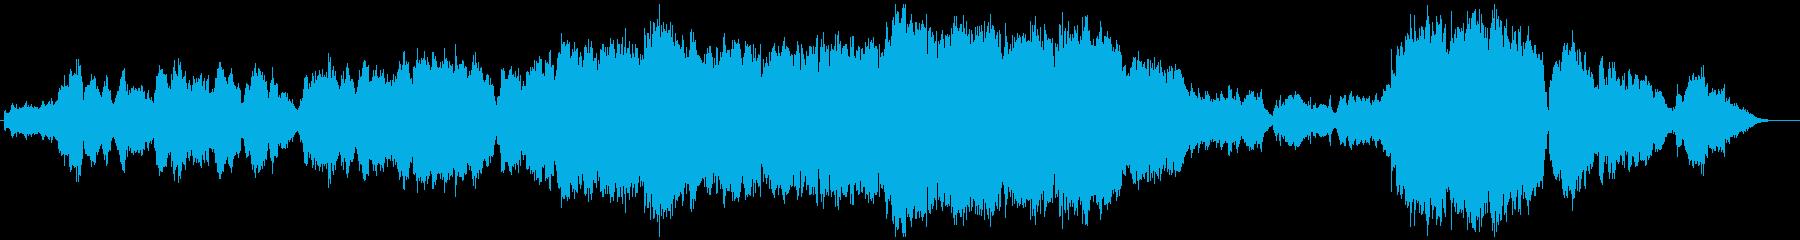 生演奏フルートとトランペット感動バラードの再生済みの波形